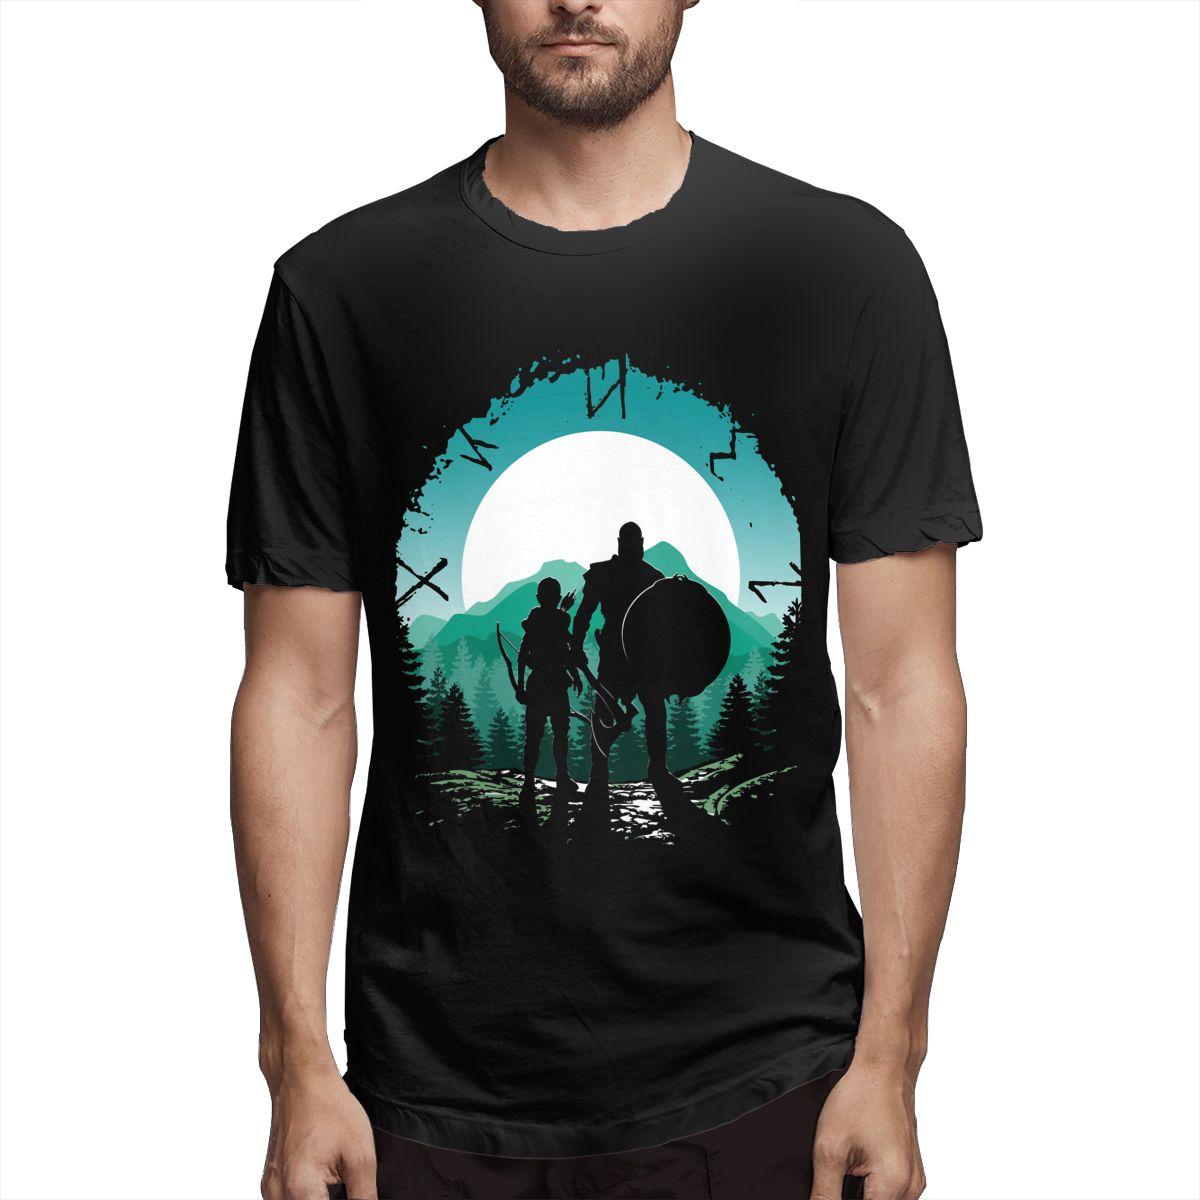 Спартанский Кратоса и сын Мужская Юмор футболки для девочек футболки с короткими рукавами и круглым вырезом, футболка из хлопка, одежда для ...